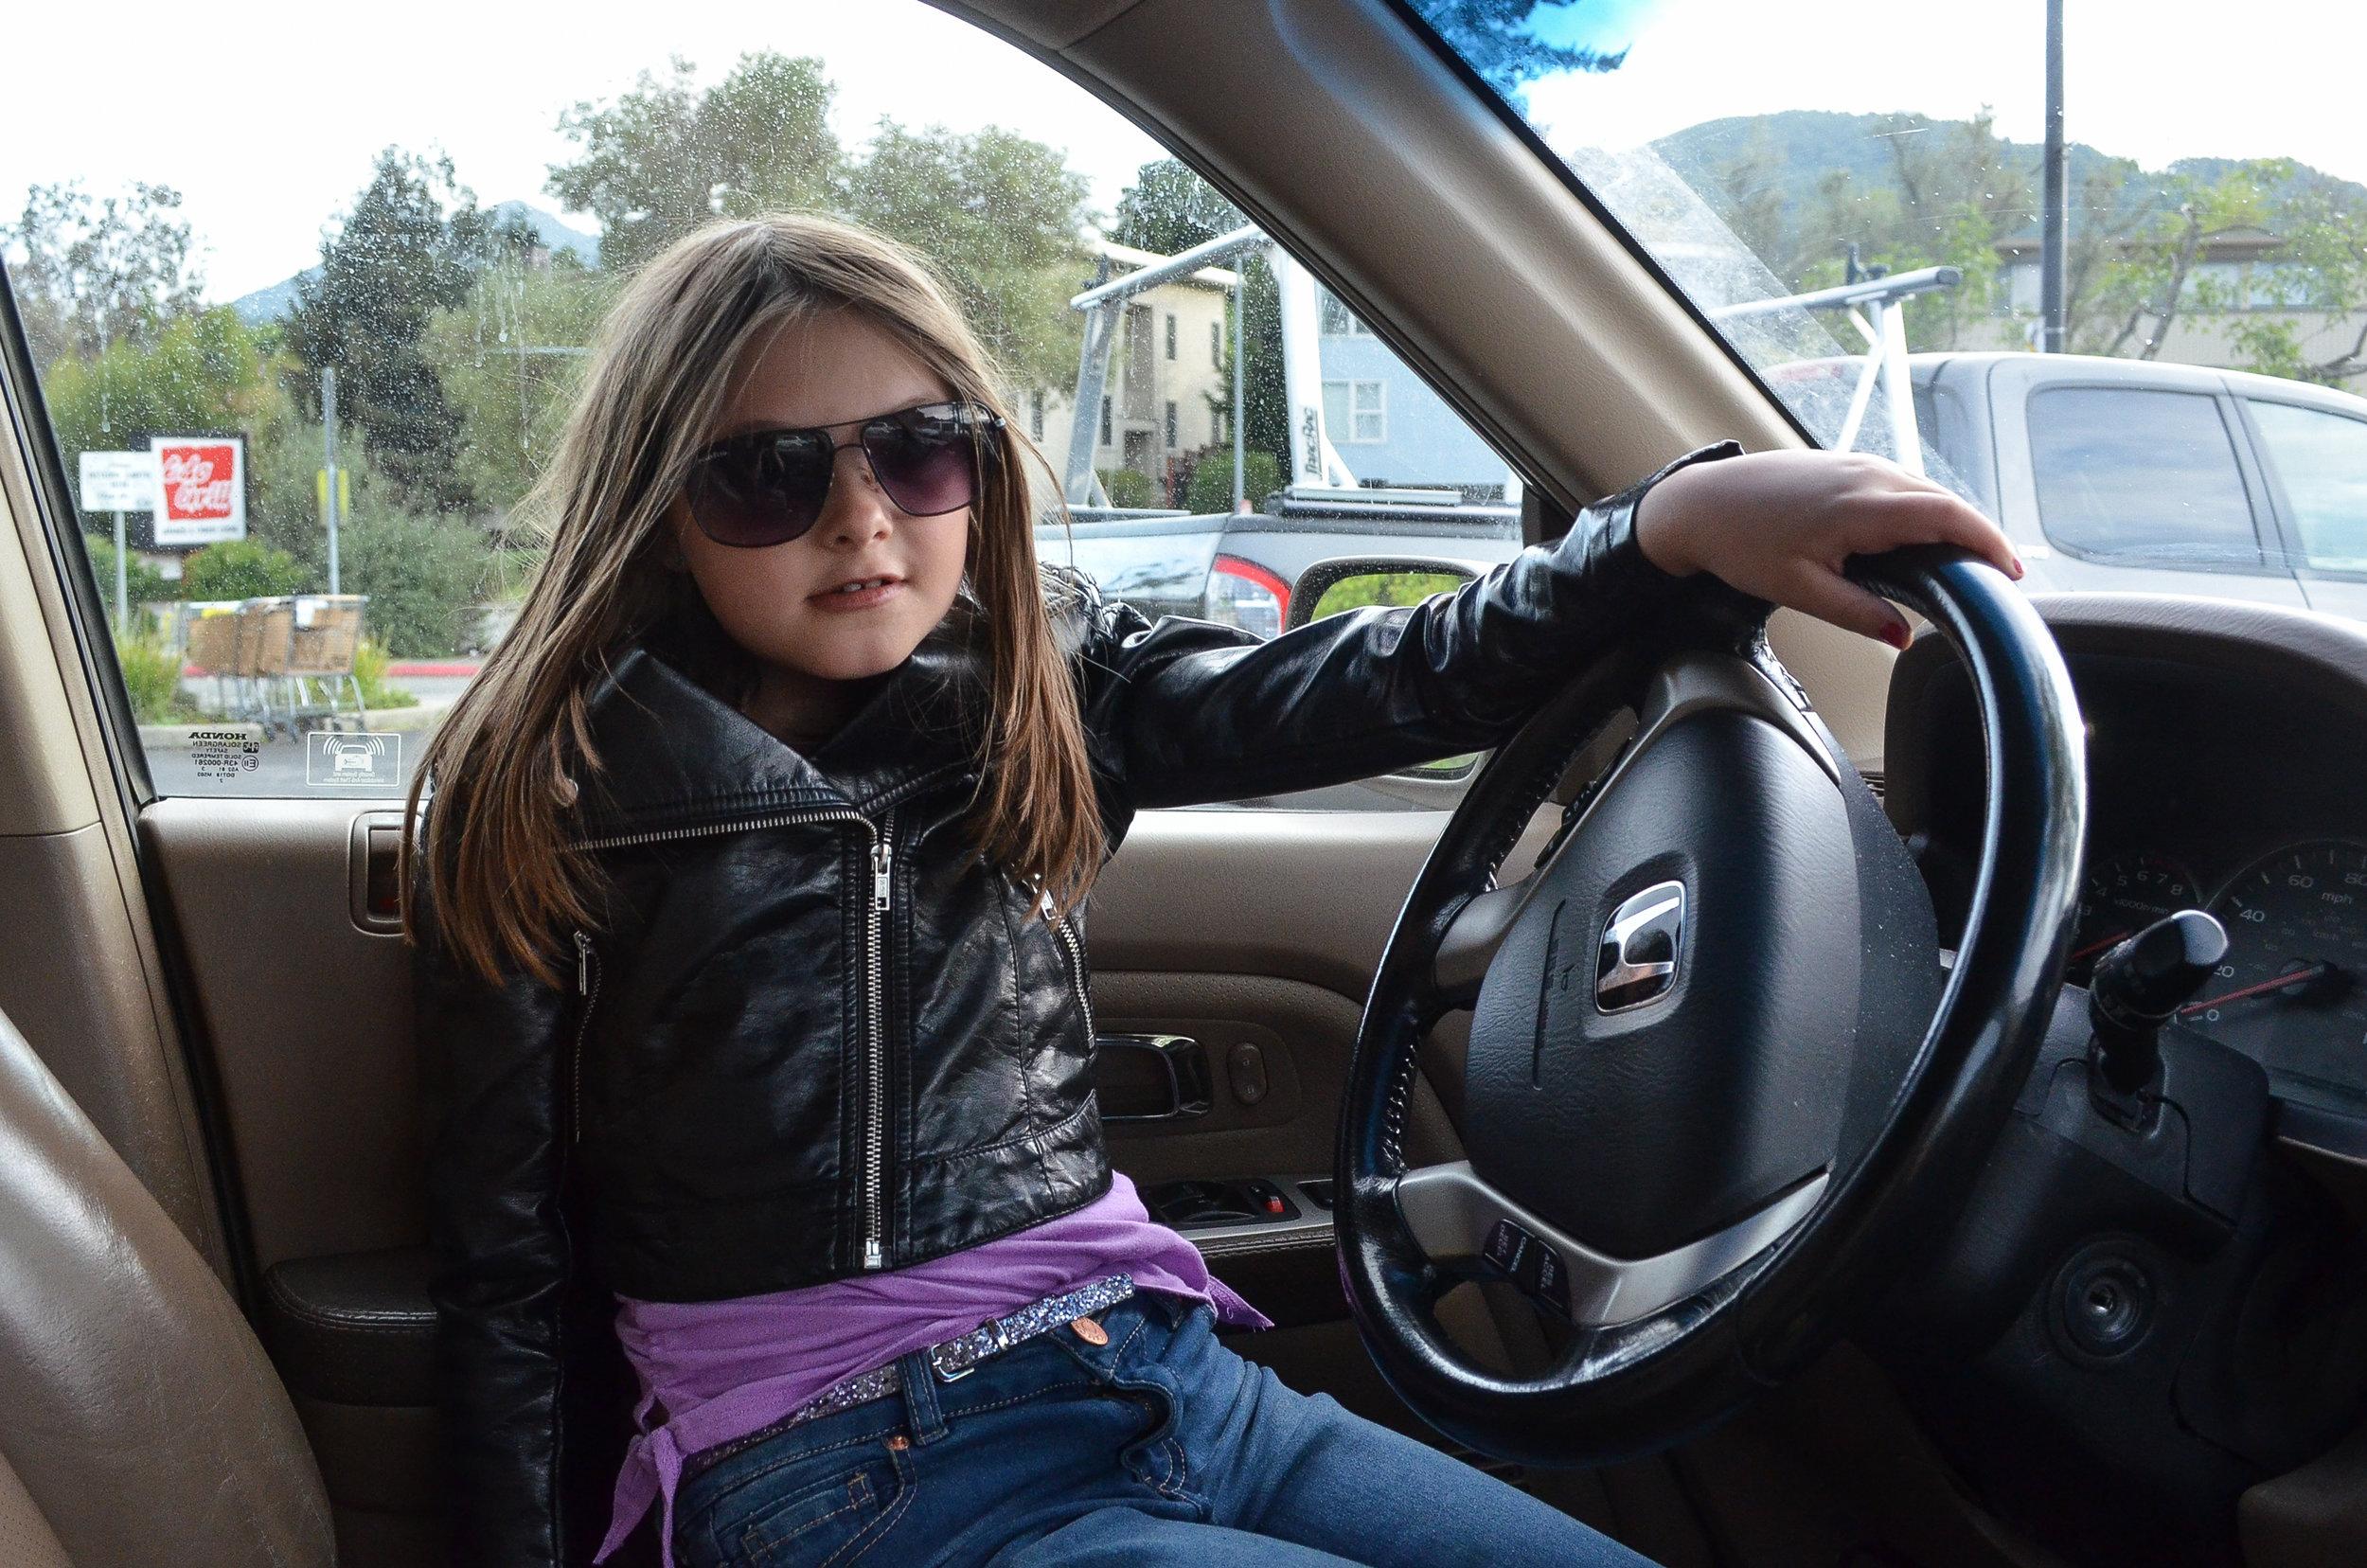 20-Polly-car-1-3590.jpg